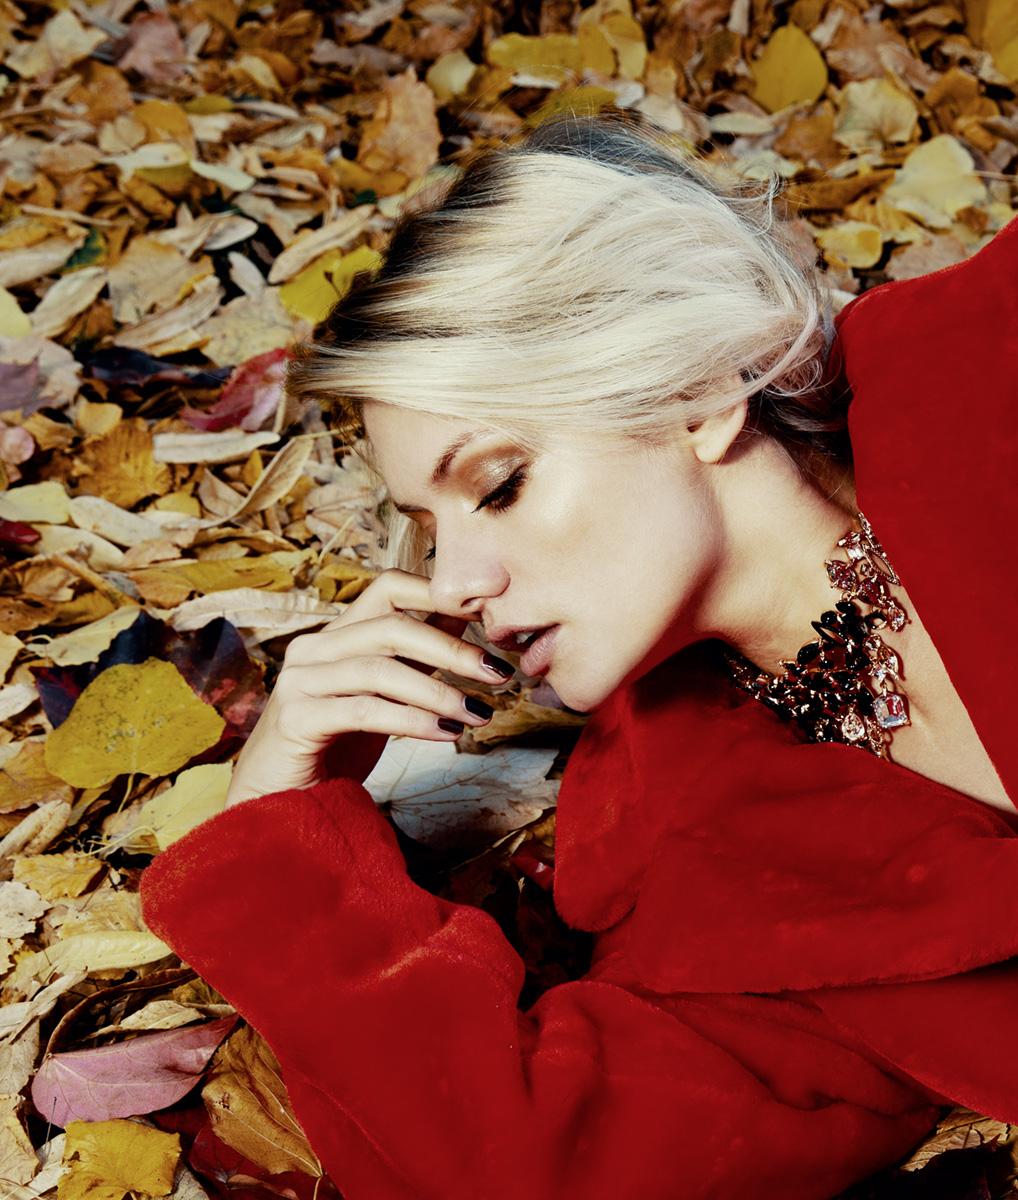 Model im roten Pelzmantel liegt vor Laub